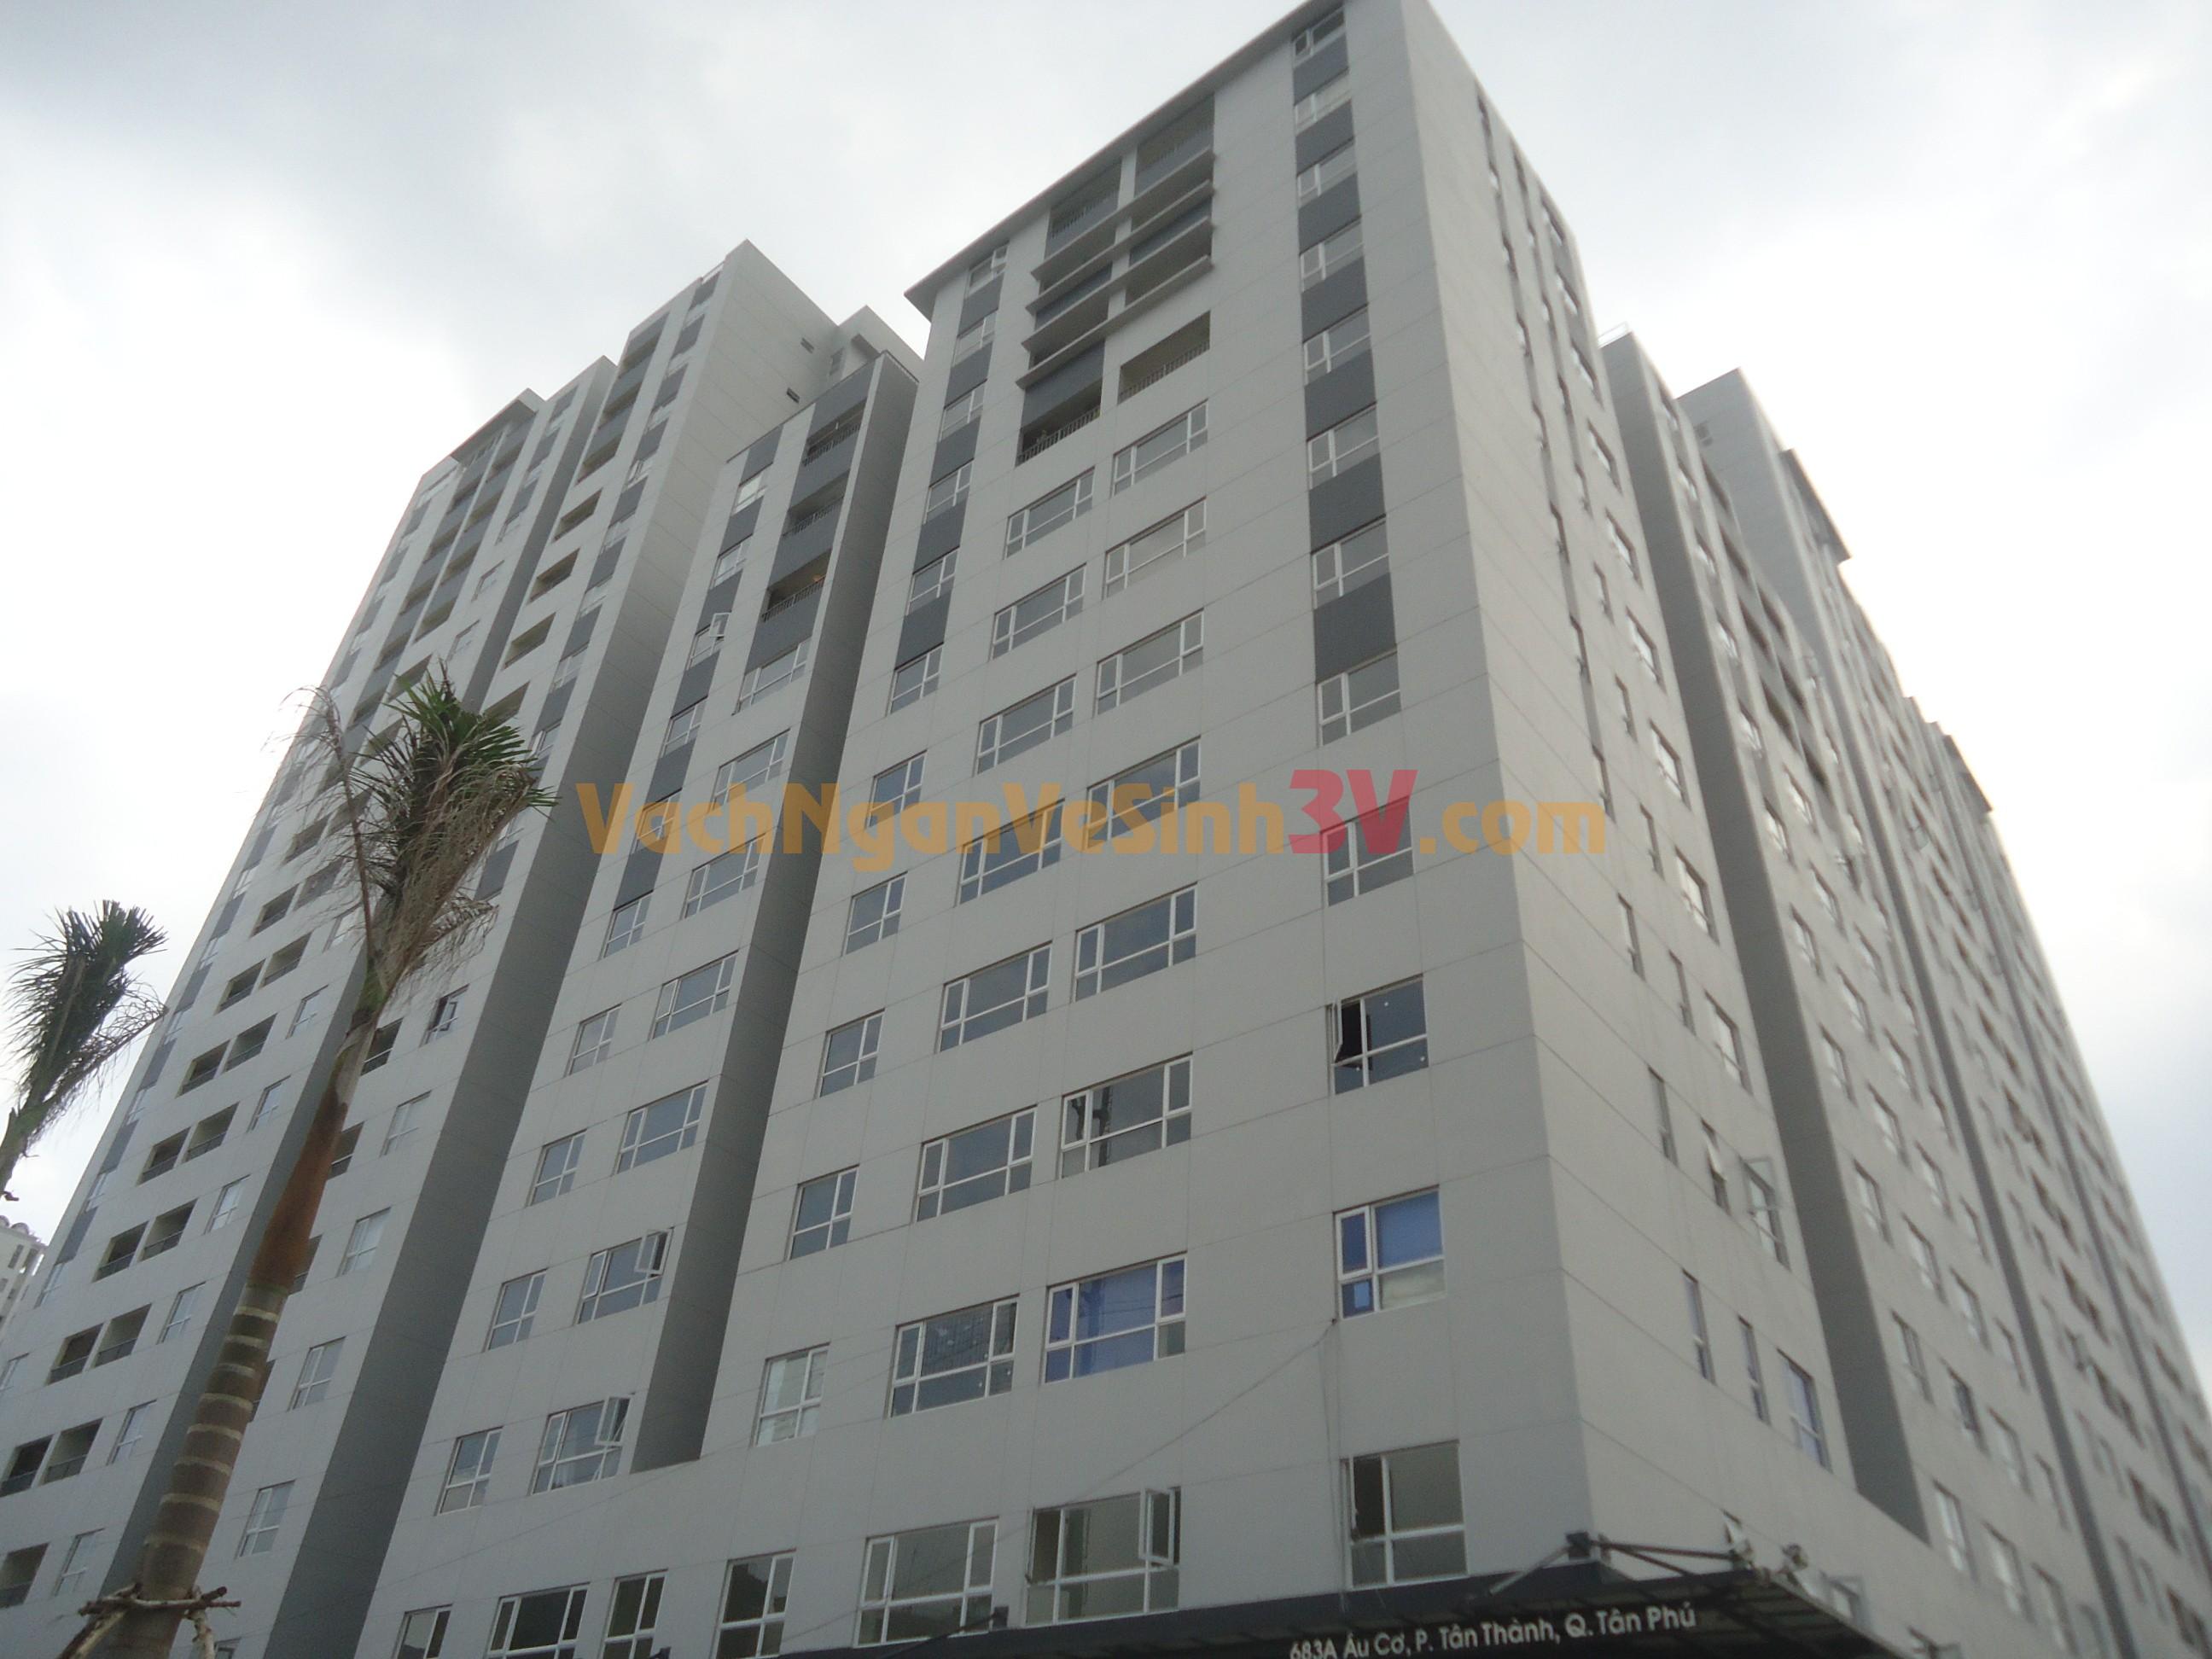 3V GROUP thi công vách ngăn compact tại chung cư tại Quận Tân Phú – TP HCM